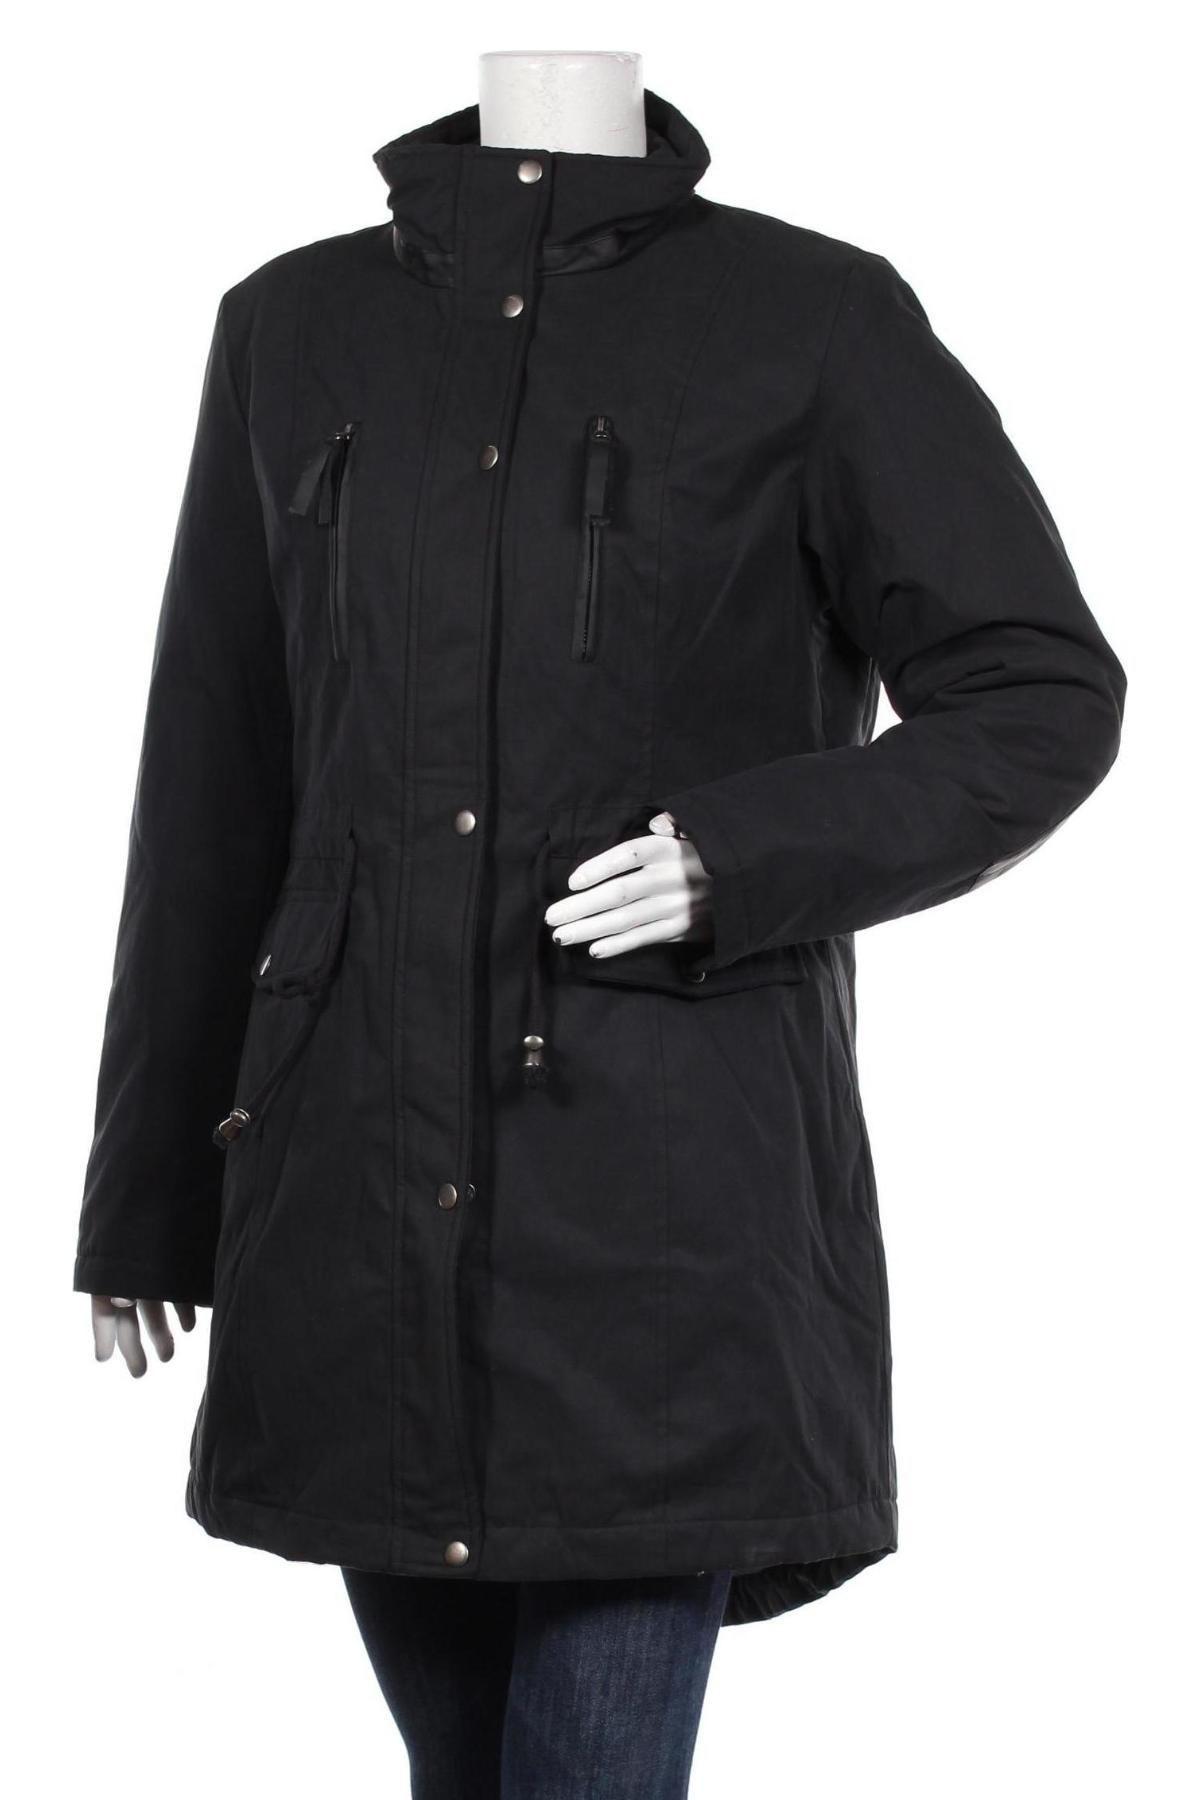 Дамско яке Bpc Bonprix Collection, Размер L, Цвят Черен, 58% полиестер, 42% памук, Цена 40,32лв.